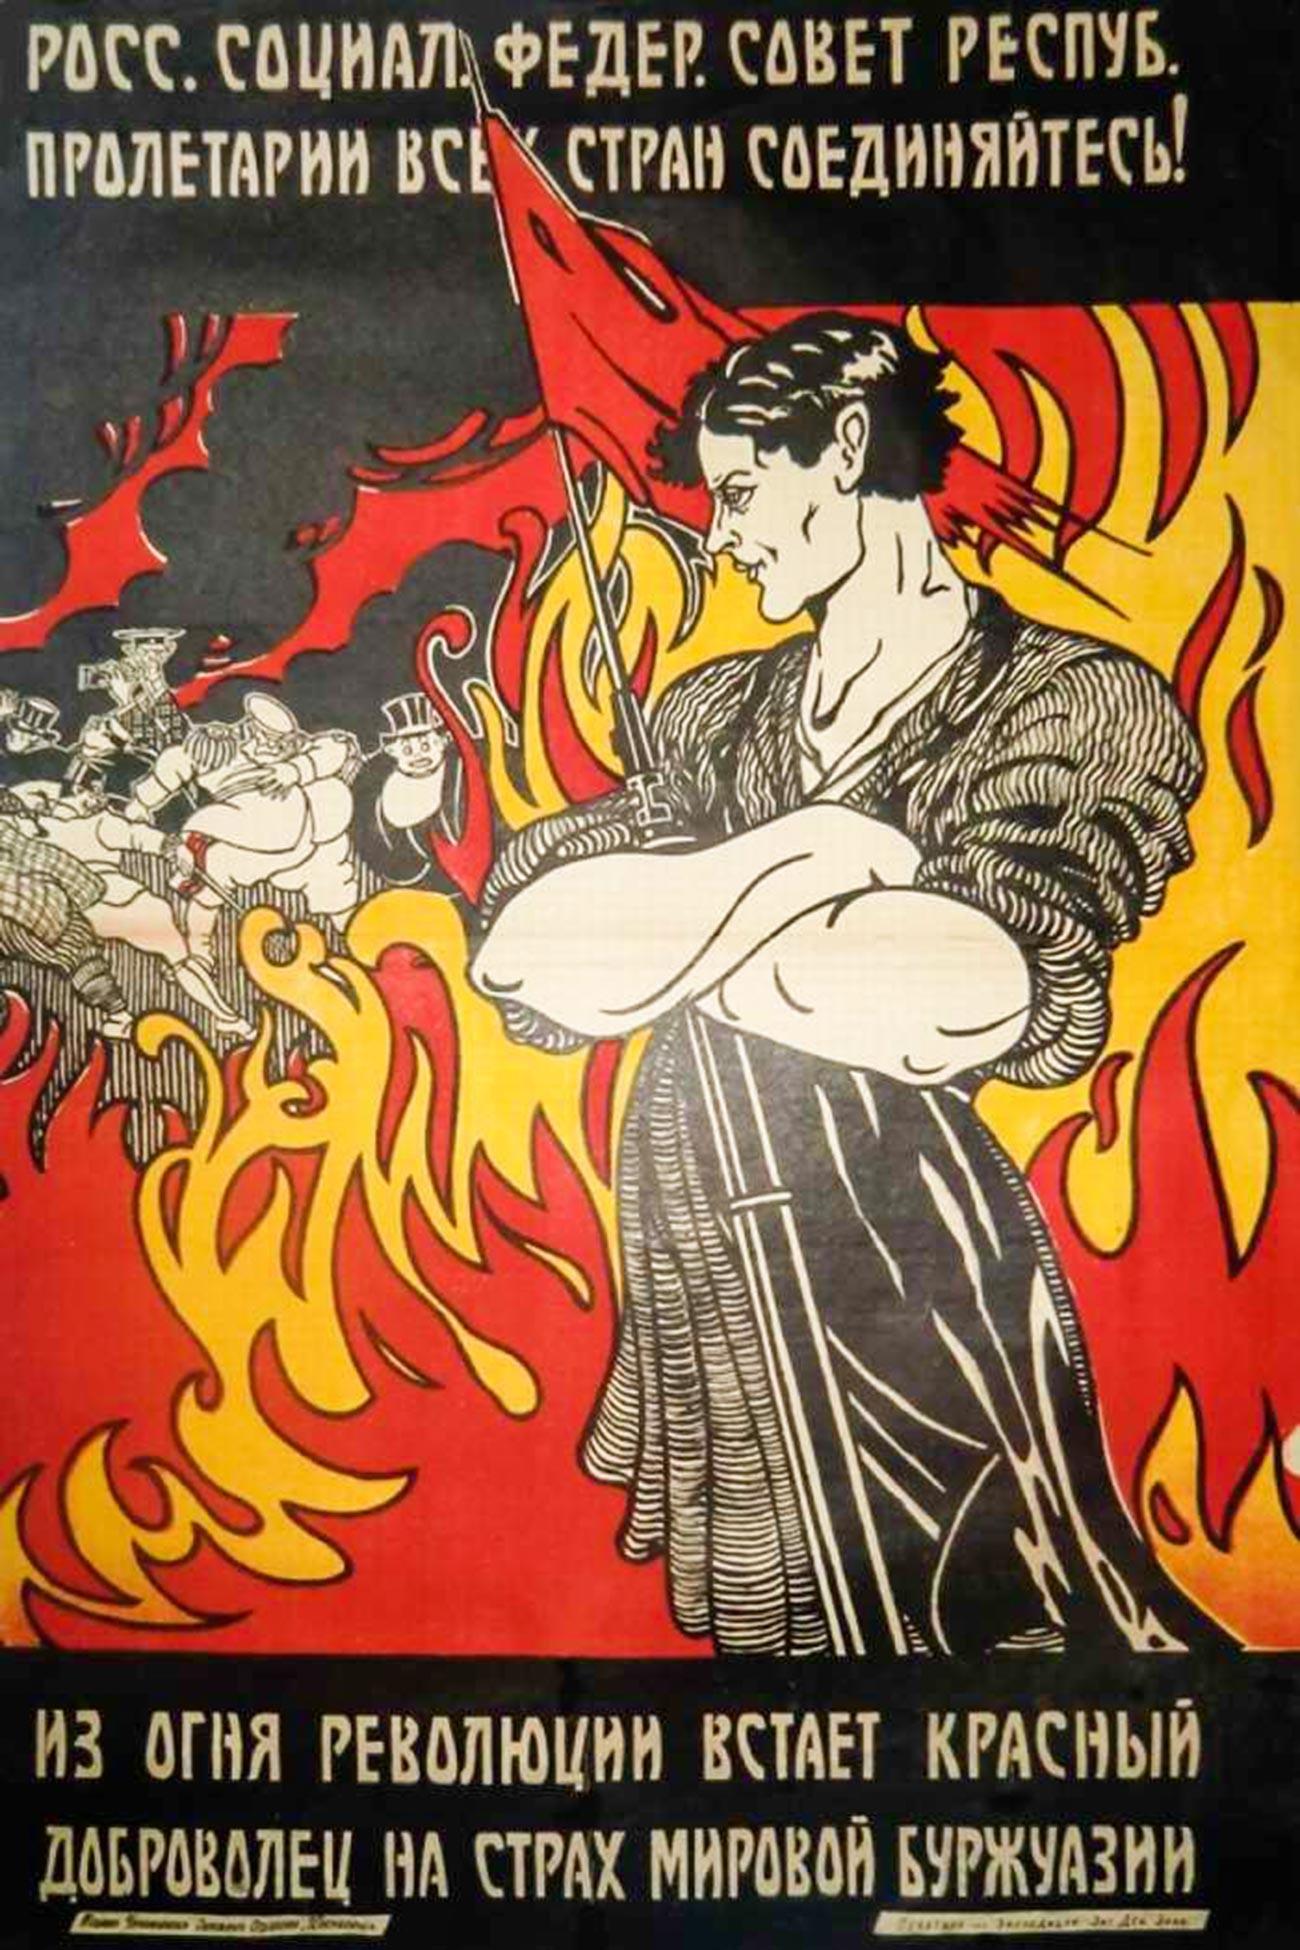 ロシア・ソビエト連邦社会主義共和国。万国のプロレタリア団結せよ!革命の炎から赤い義勇兵が立ち上がり、世界のブルジョアジーを恐怖させる。